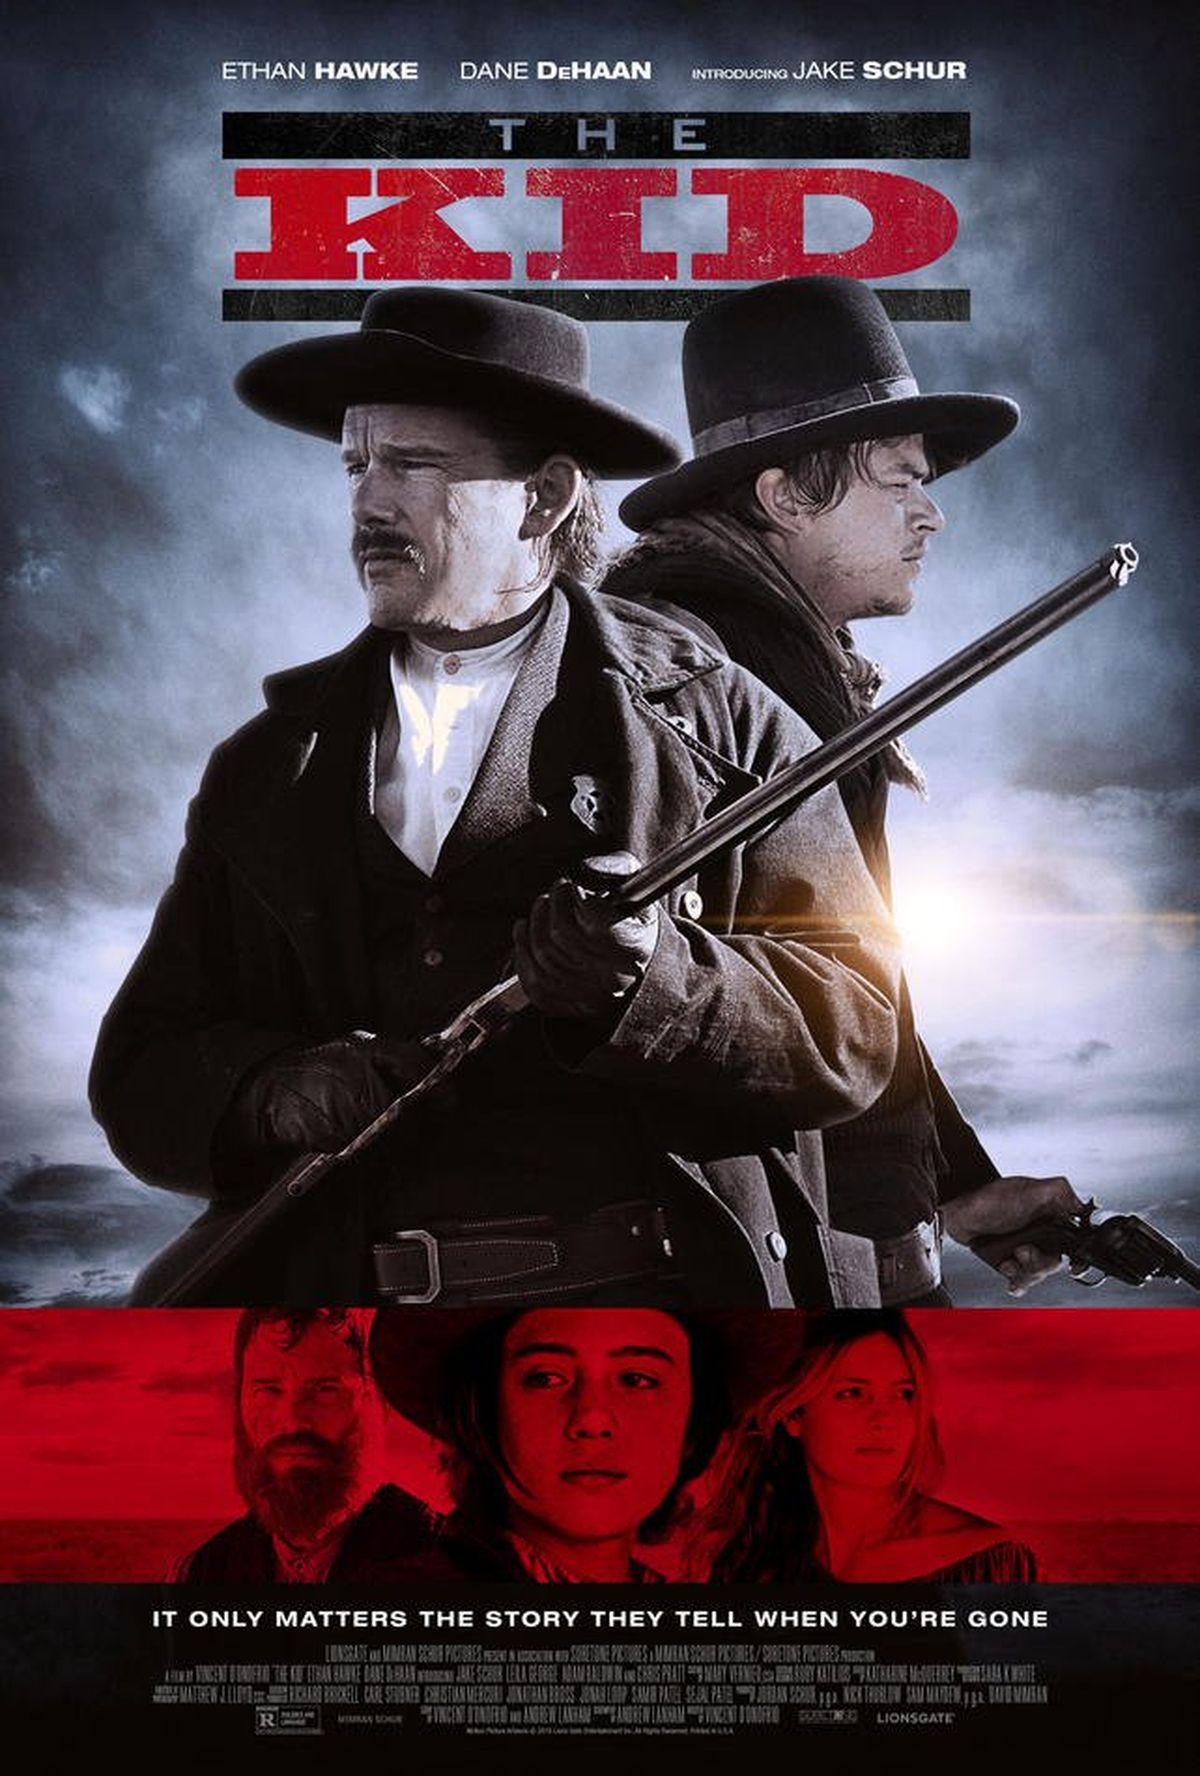 La bande-annonce du film The Kid nous montre la version de Billy the Kid avec Vincent D'Onofrio aux manettes. Ethan Hawke et Chris Pratt font partie du casting.